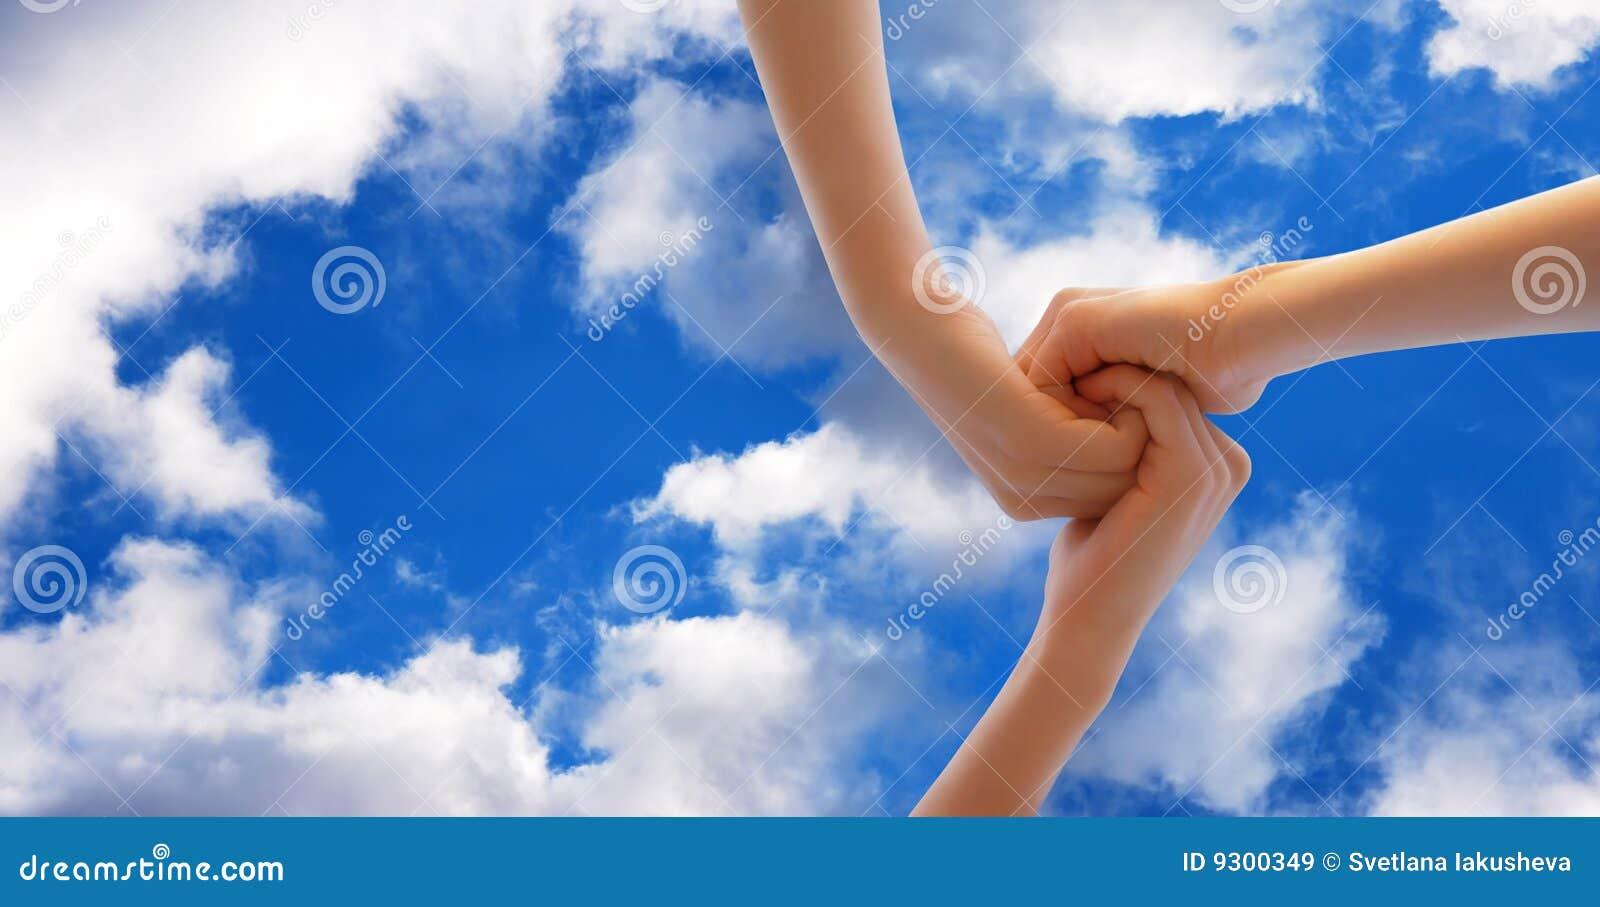 Hände auf dem Himmel